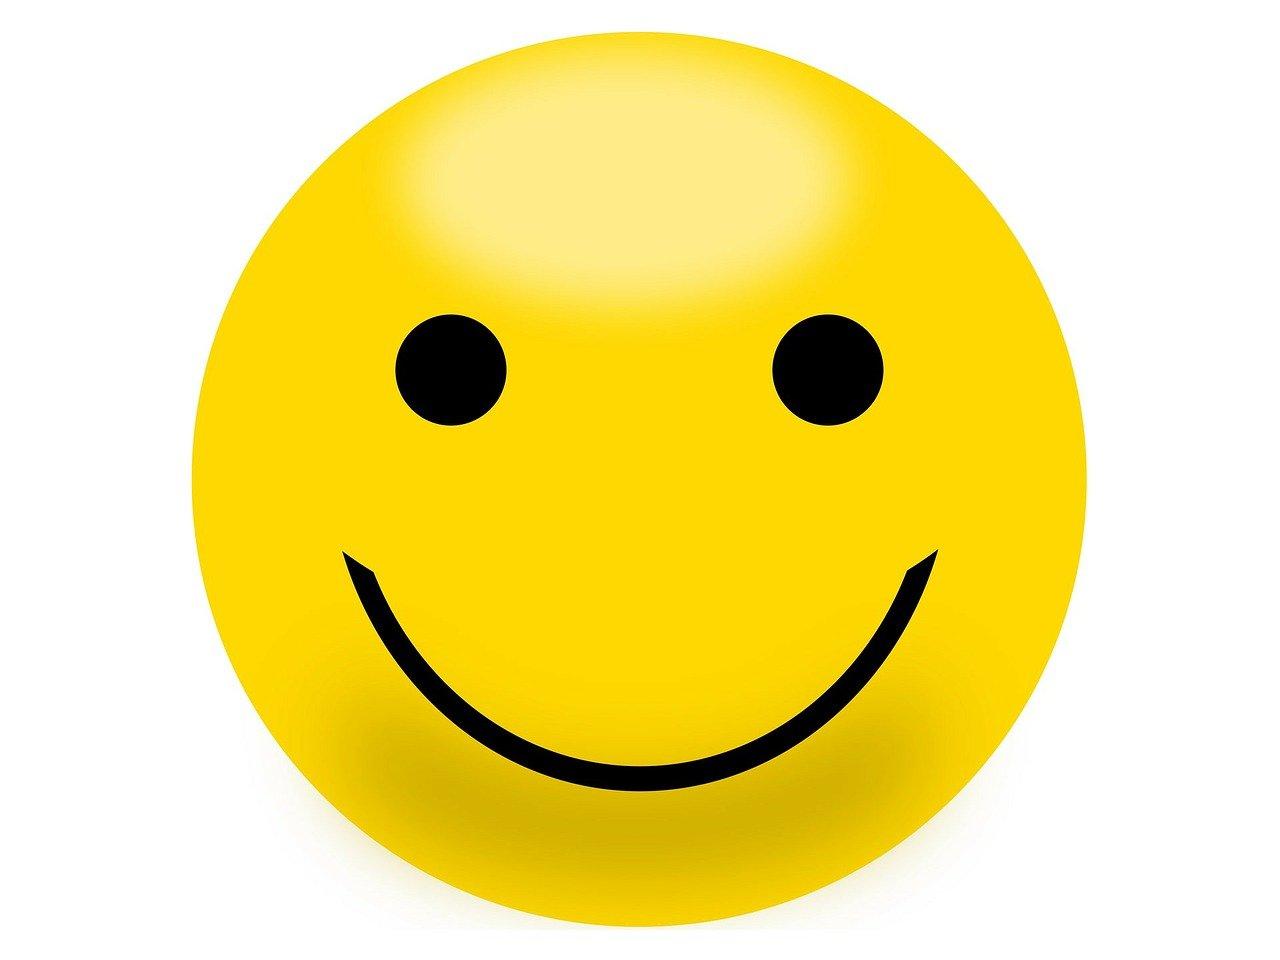 smiley, yellow, happy